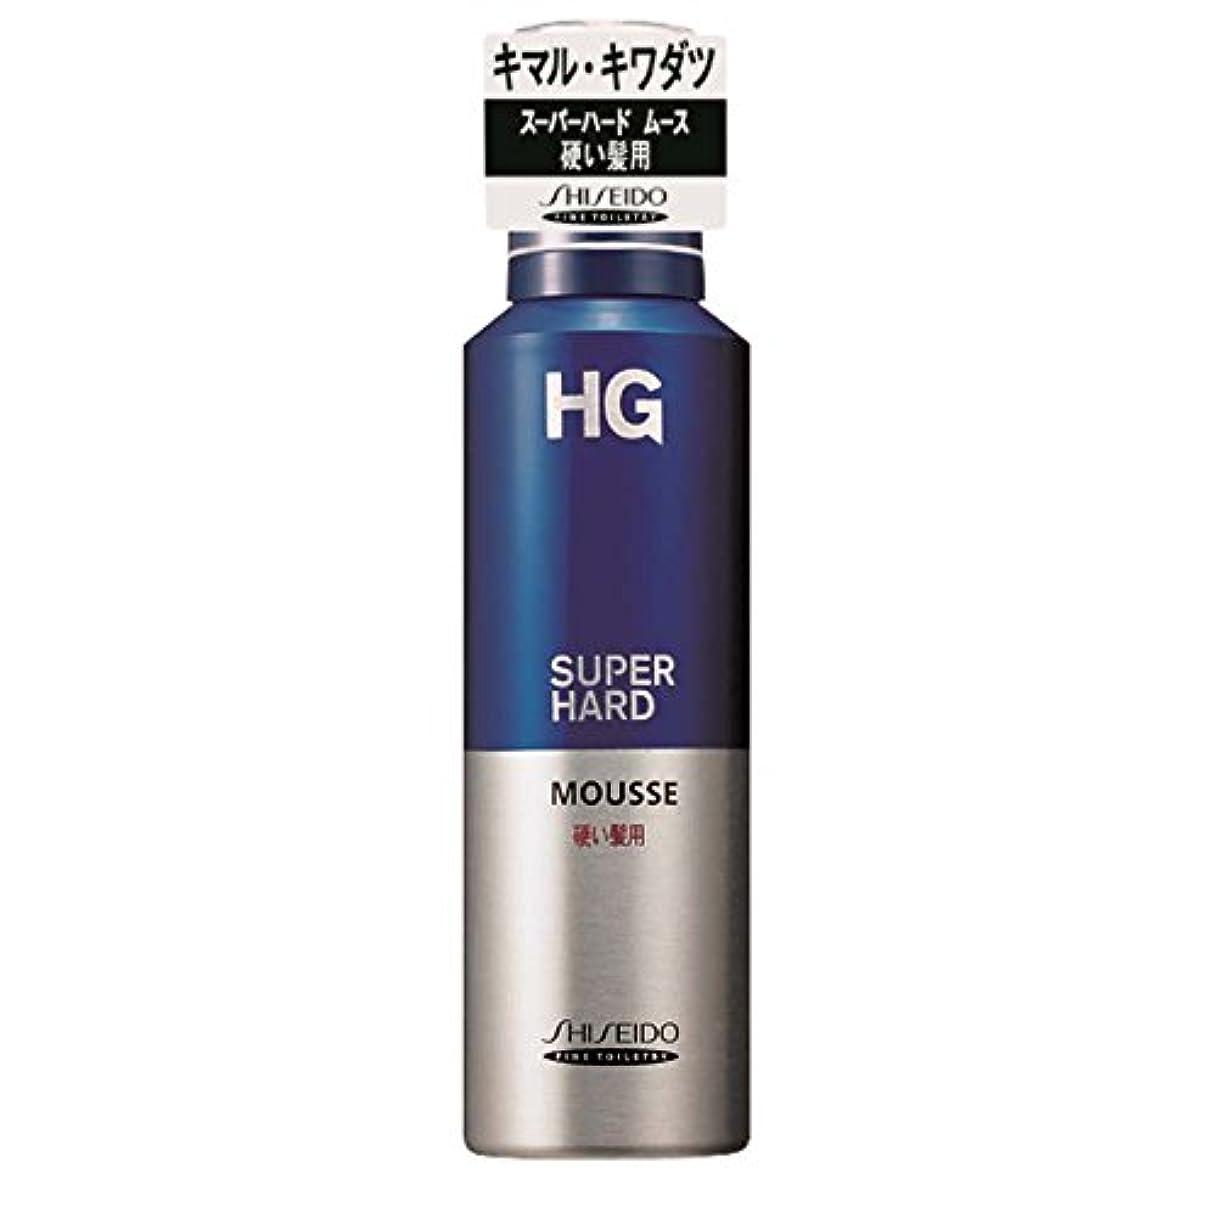 パンチ車両延期するHG スーパーハード ムース 硬い髪用 180g